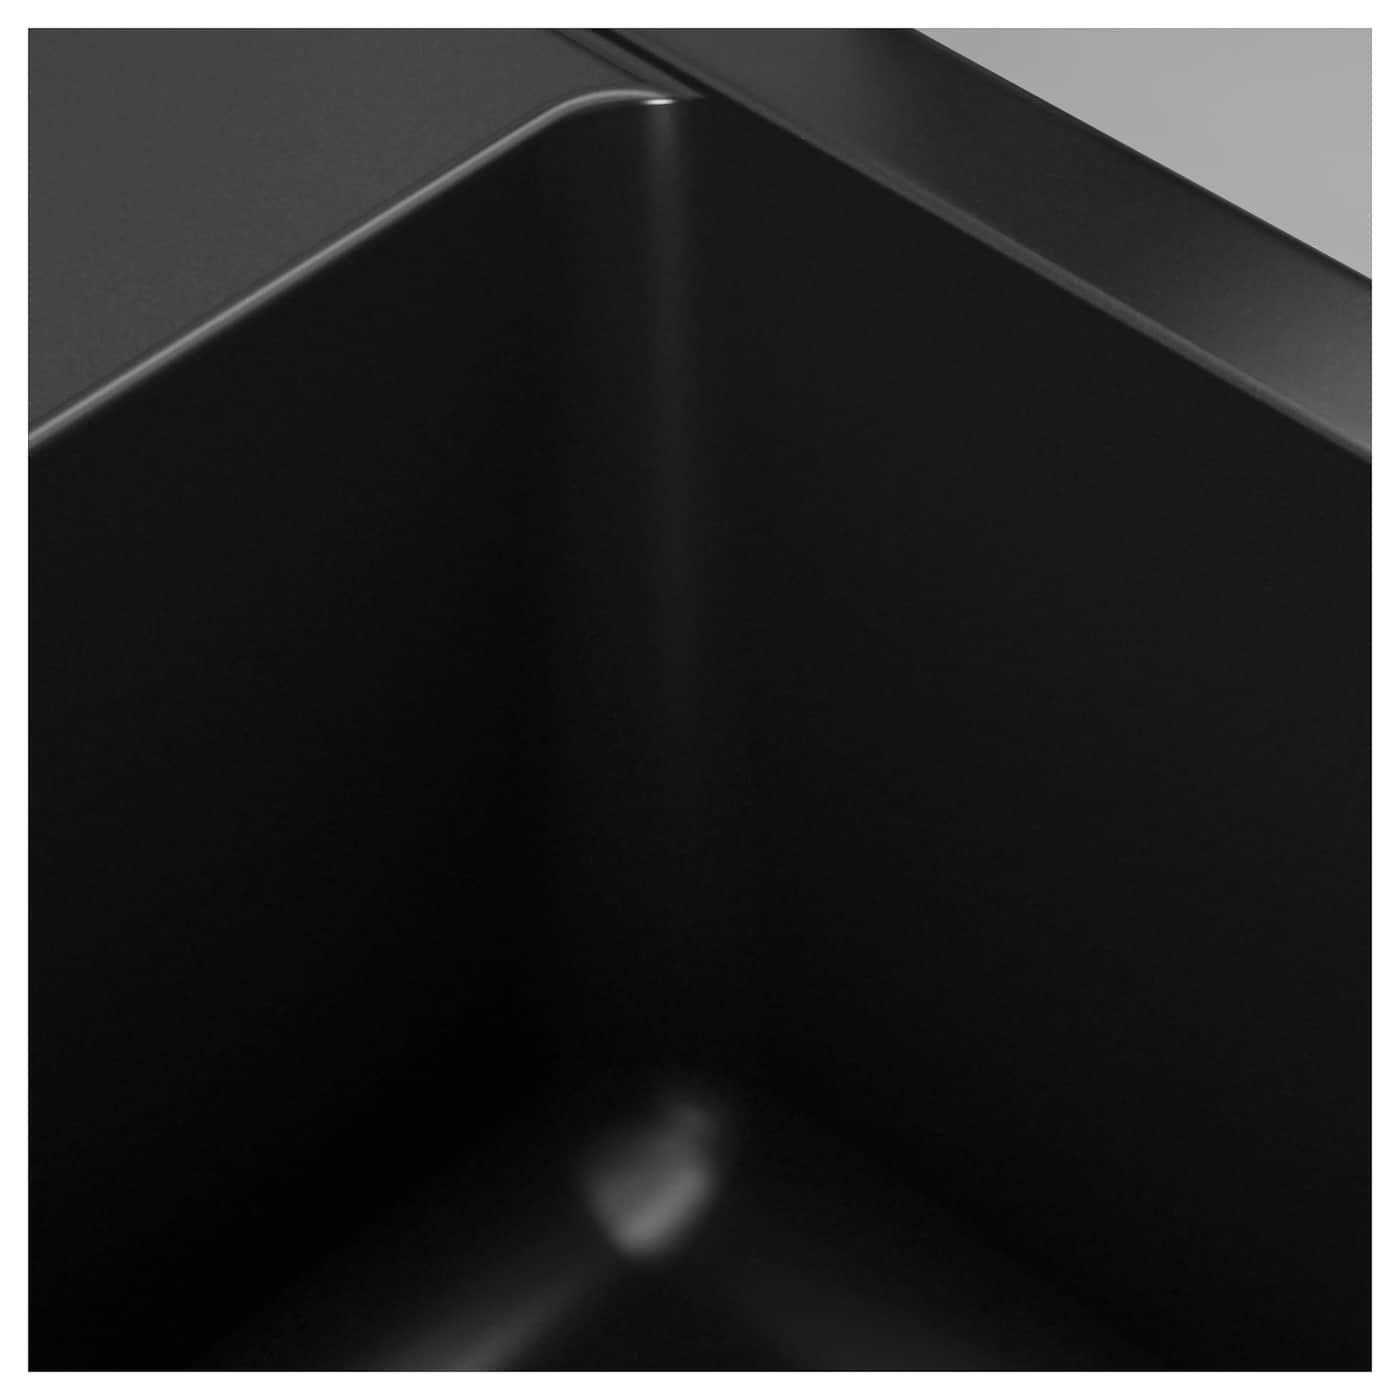 Hallviken Einbauspule 1 Becken Schwarz Quarzkomposit Einbauspule Ikea Und Reinigungsmittel